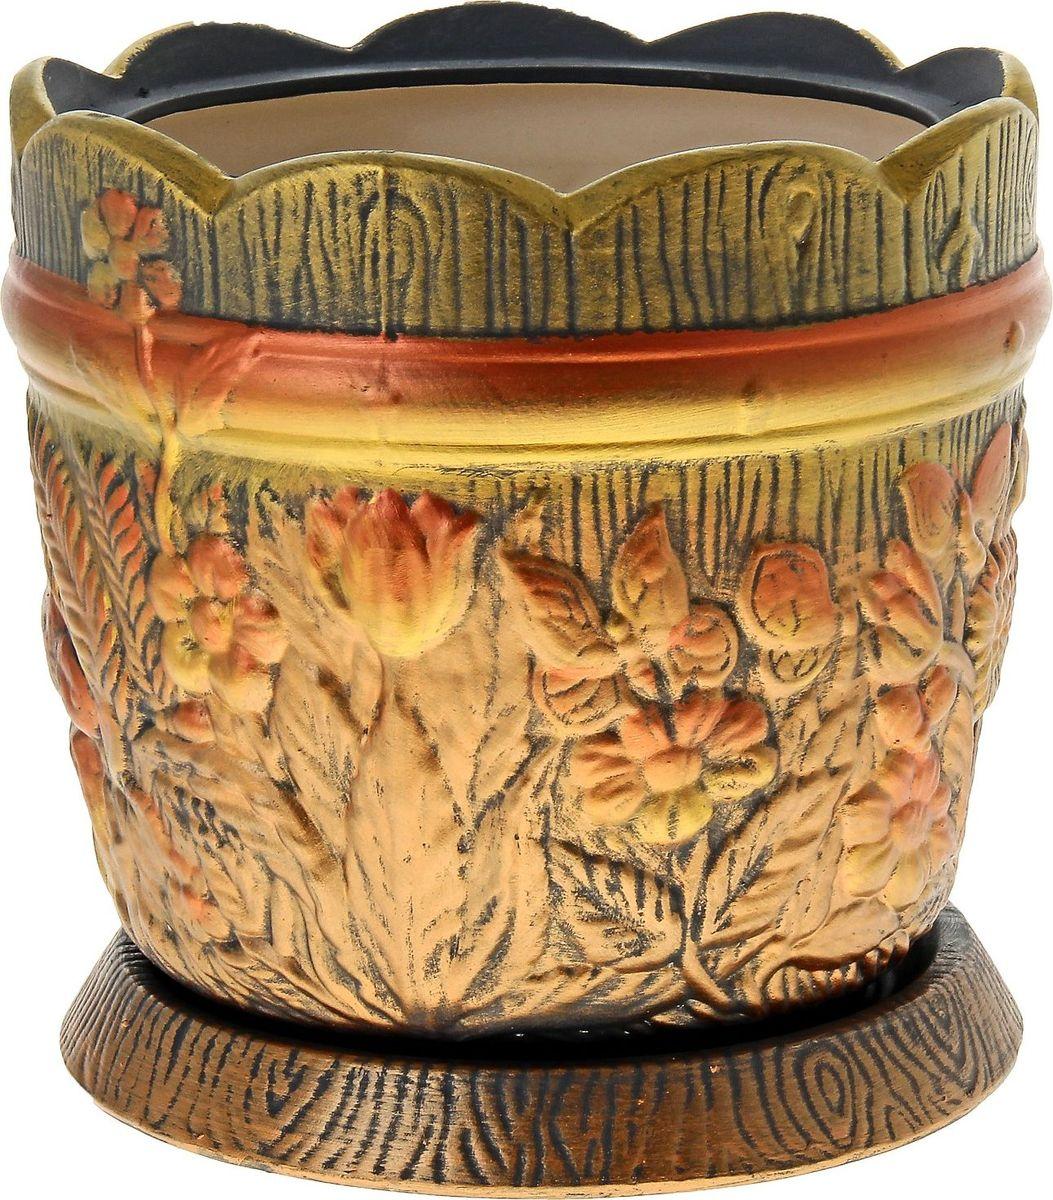 Кашпо Керамика ручной работы Поляна, цвет: акрил, 14,5 л144220Комнатные растения — всеобщие любимцы. Они радуют глаз, насыщают помещение кислородом и украшают пространство. Каждому из них необходим свой удобный и красивый дом. Кашпо из керамики прекрасно подходят для высадки растений: за счёт пластичности глины и разных способов обработки существует великое множество форм и дизайновпористый материал позволяет испаряться лишней влагевоздух, необходимый для дыхания корней, проникает сквозь керамические стенки! #name# позаботится о зелёном питомце, освежит интерьер и подчеркнёт его стиль.